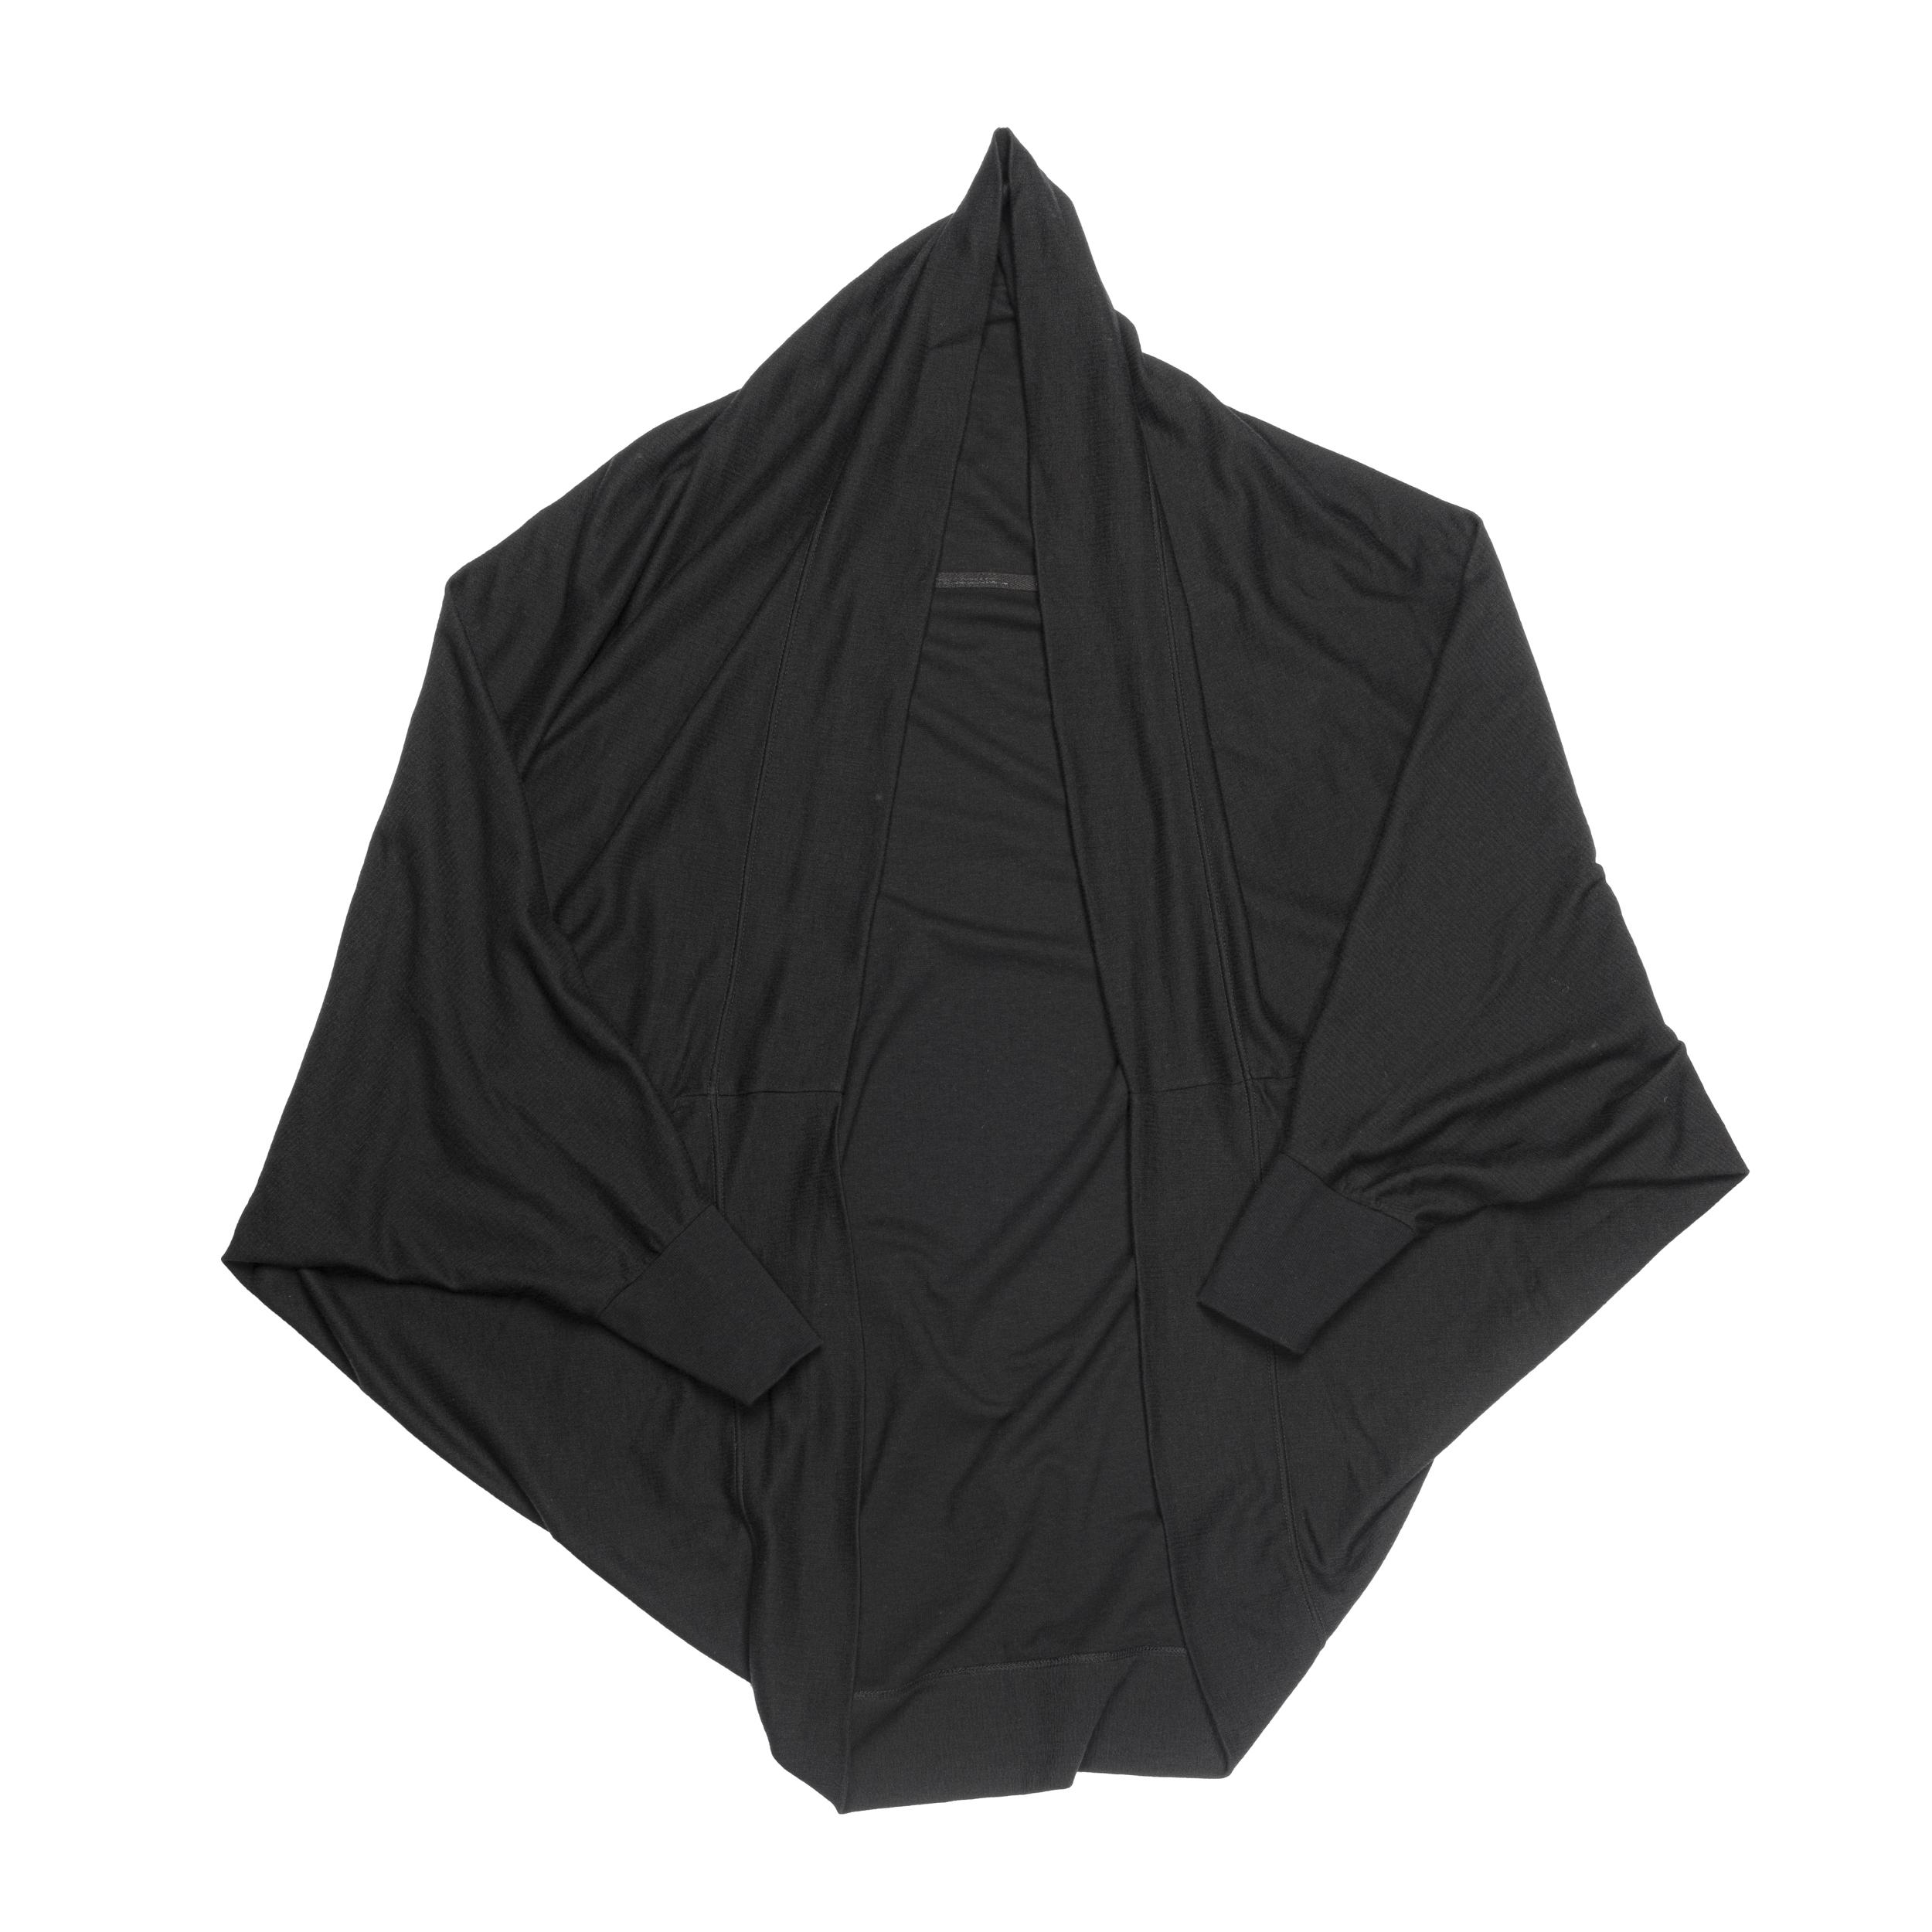 667CUM2-BLACK / コクーンジャケット